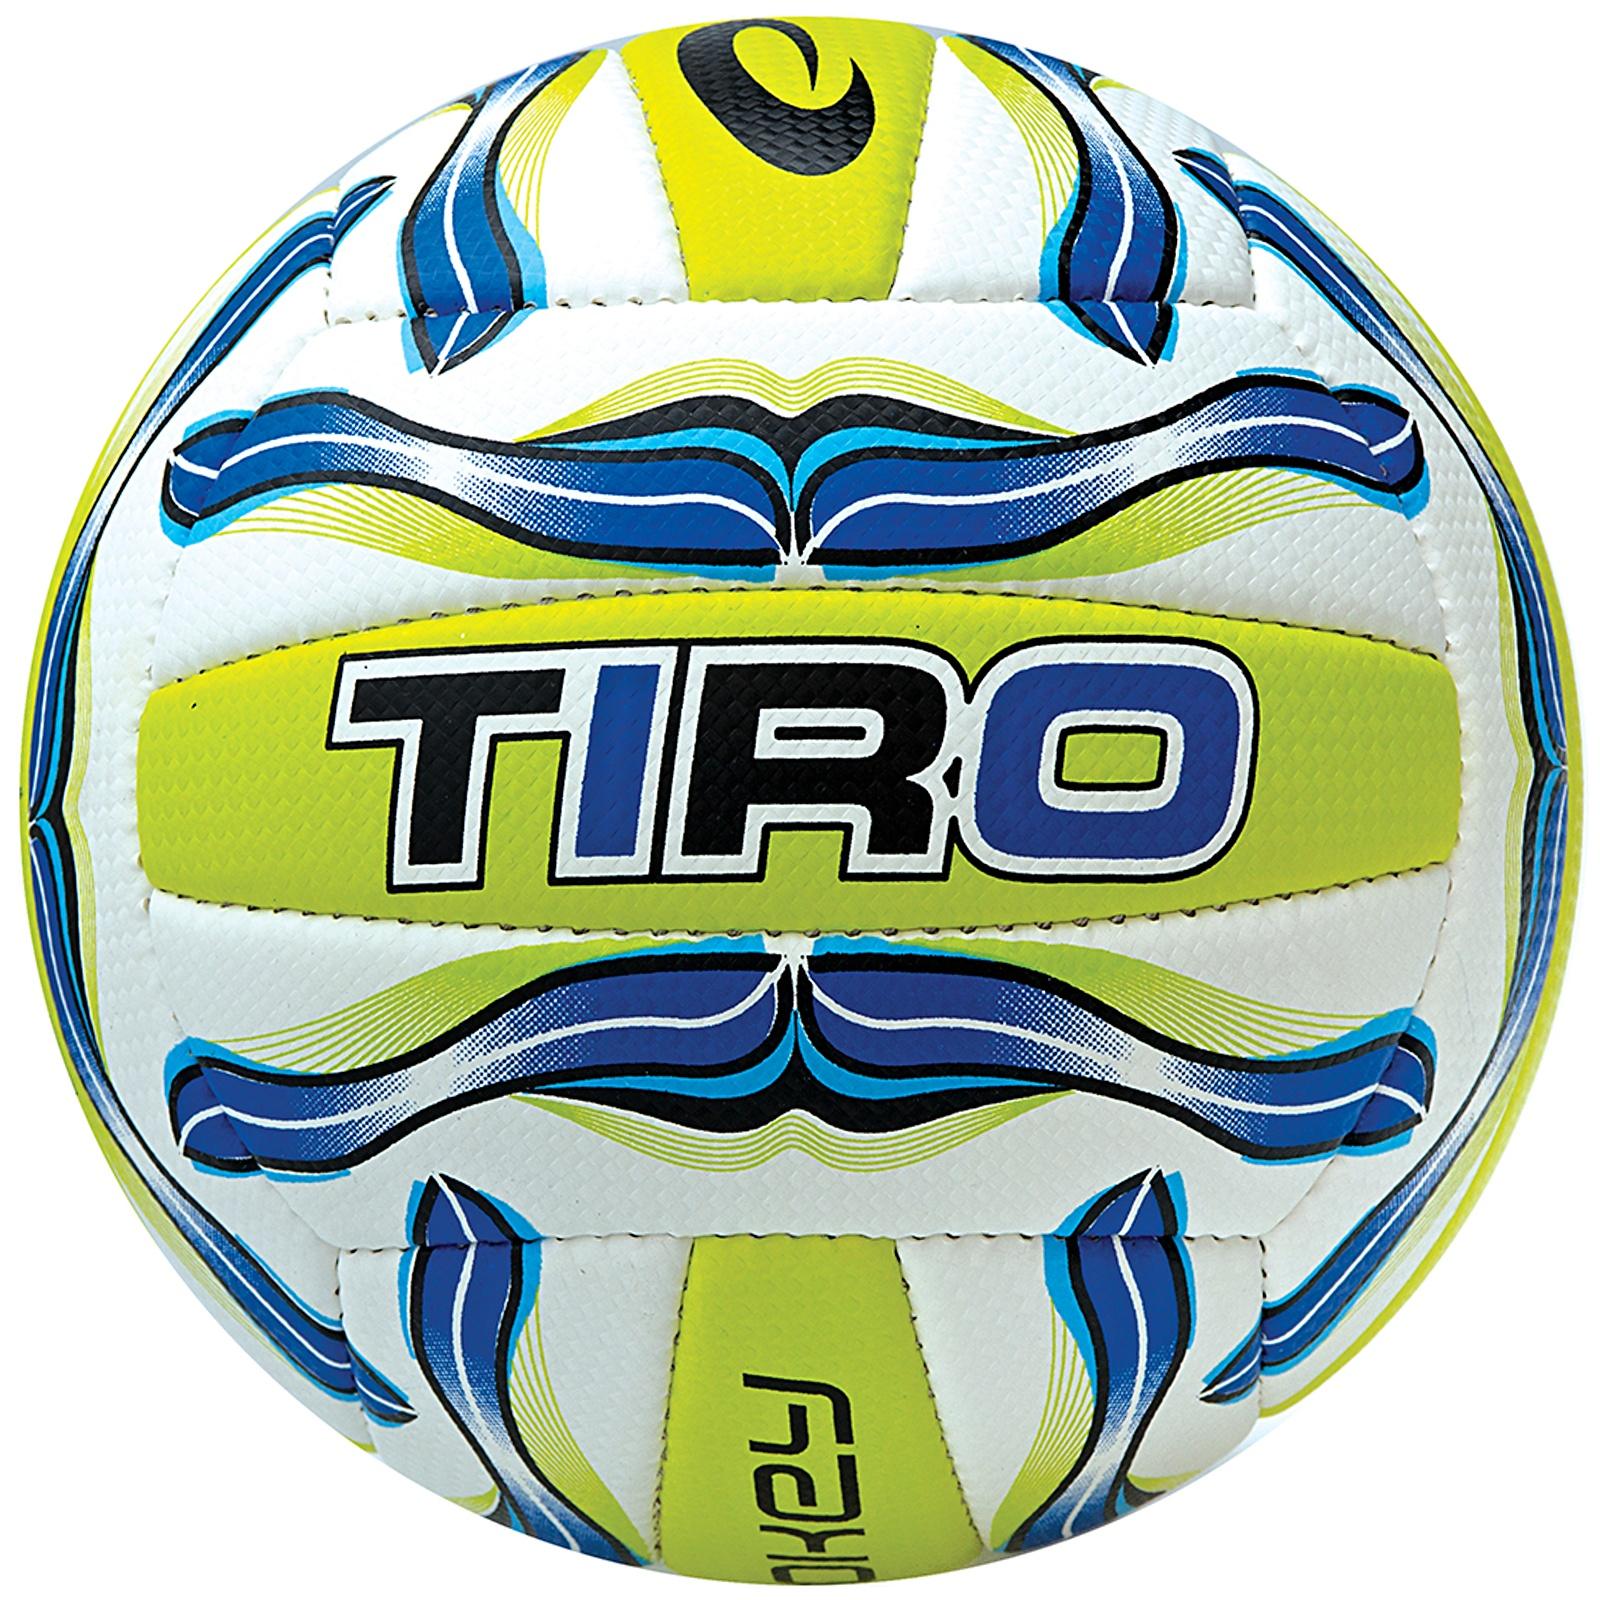 Volejbalový míč SPOKEY Tiro II limeta